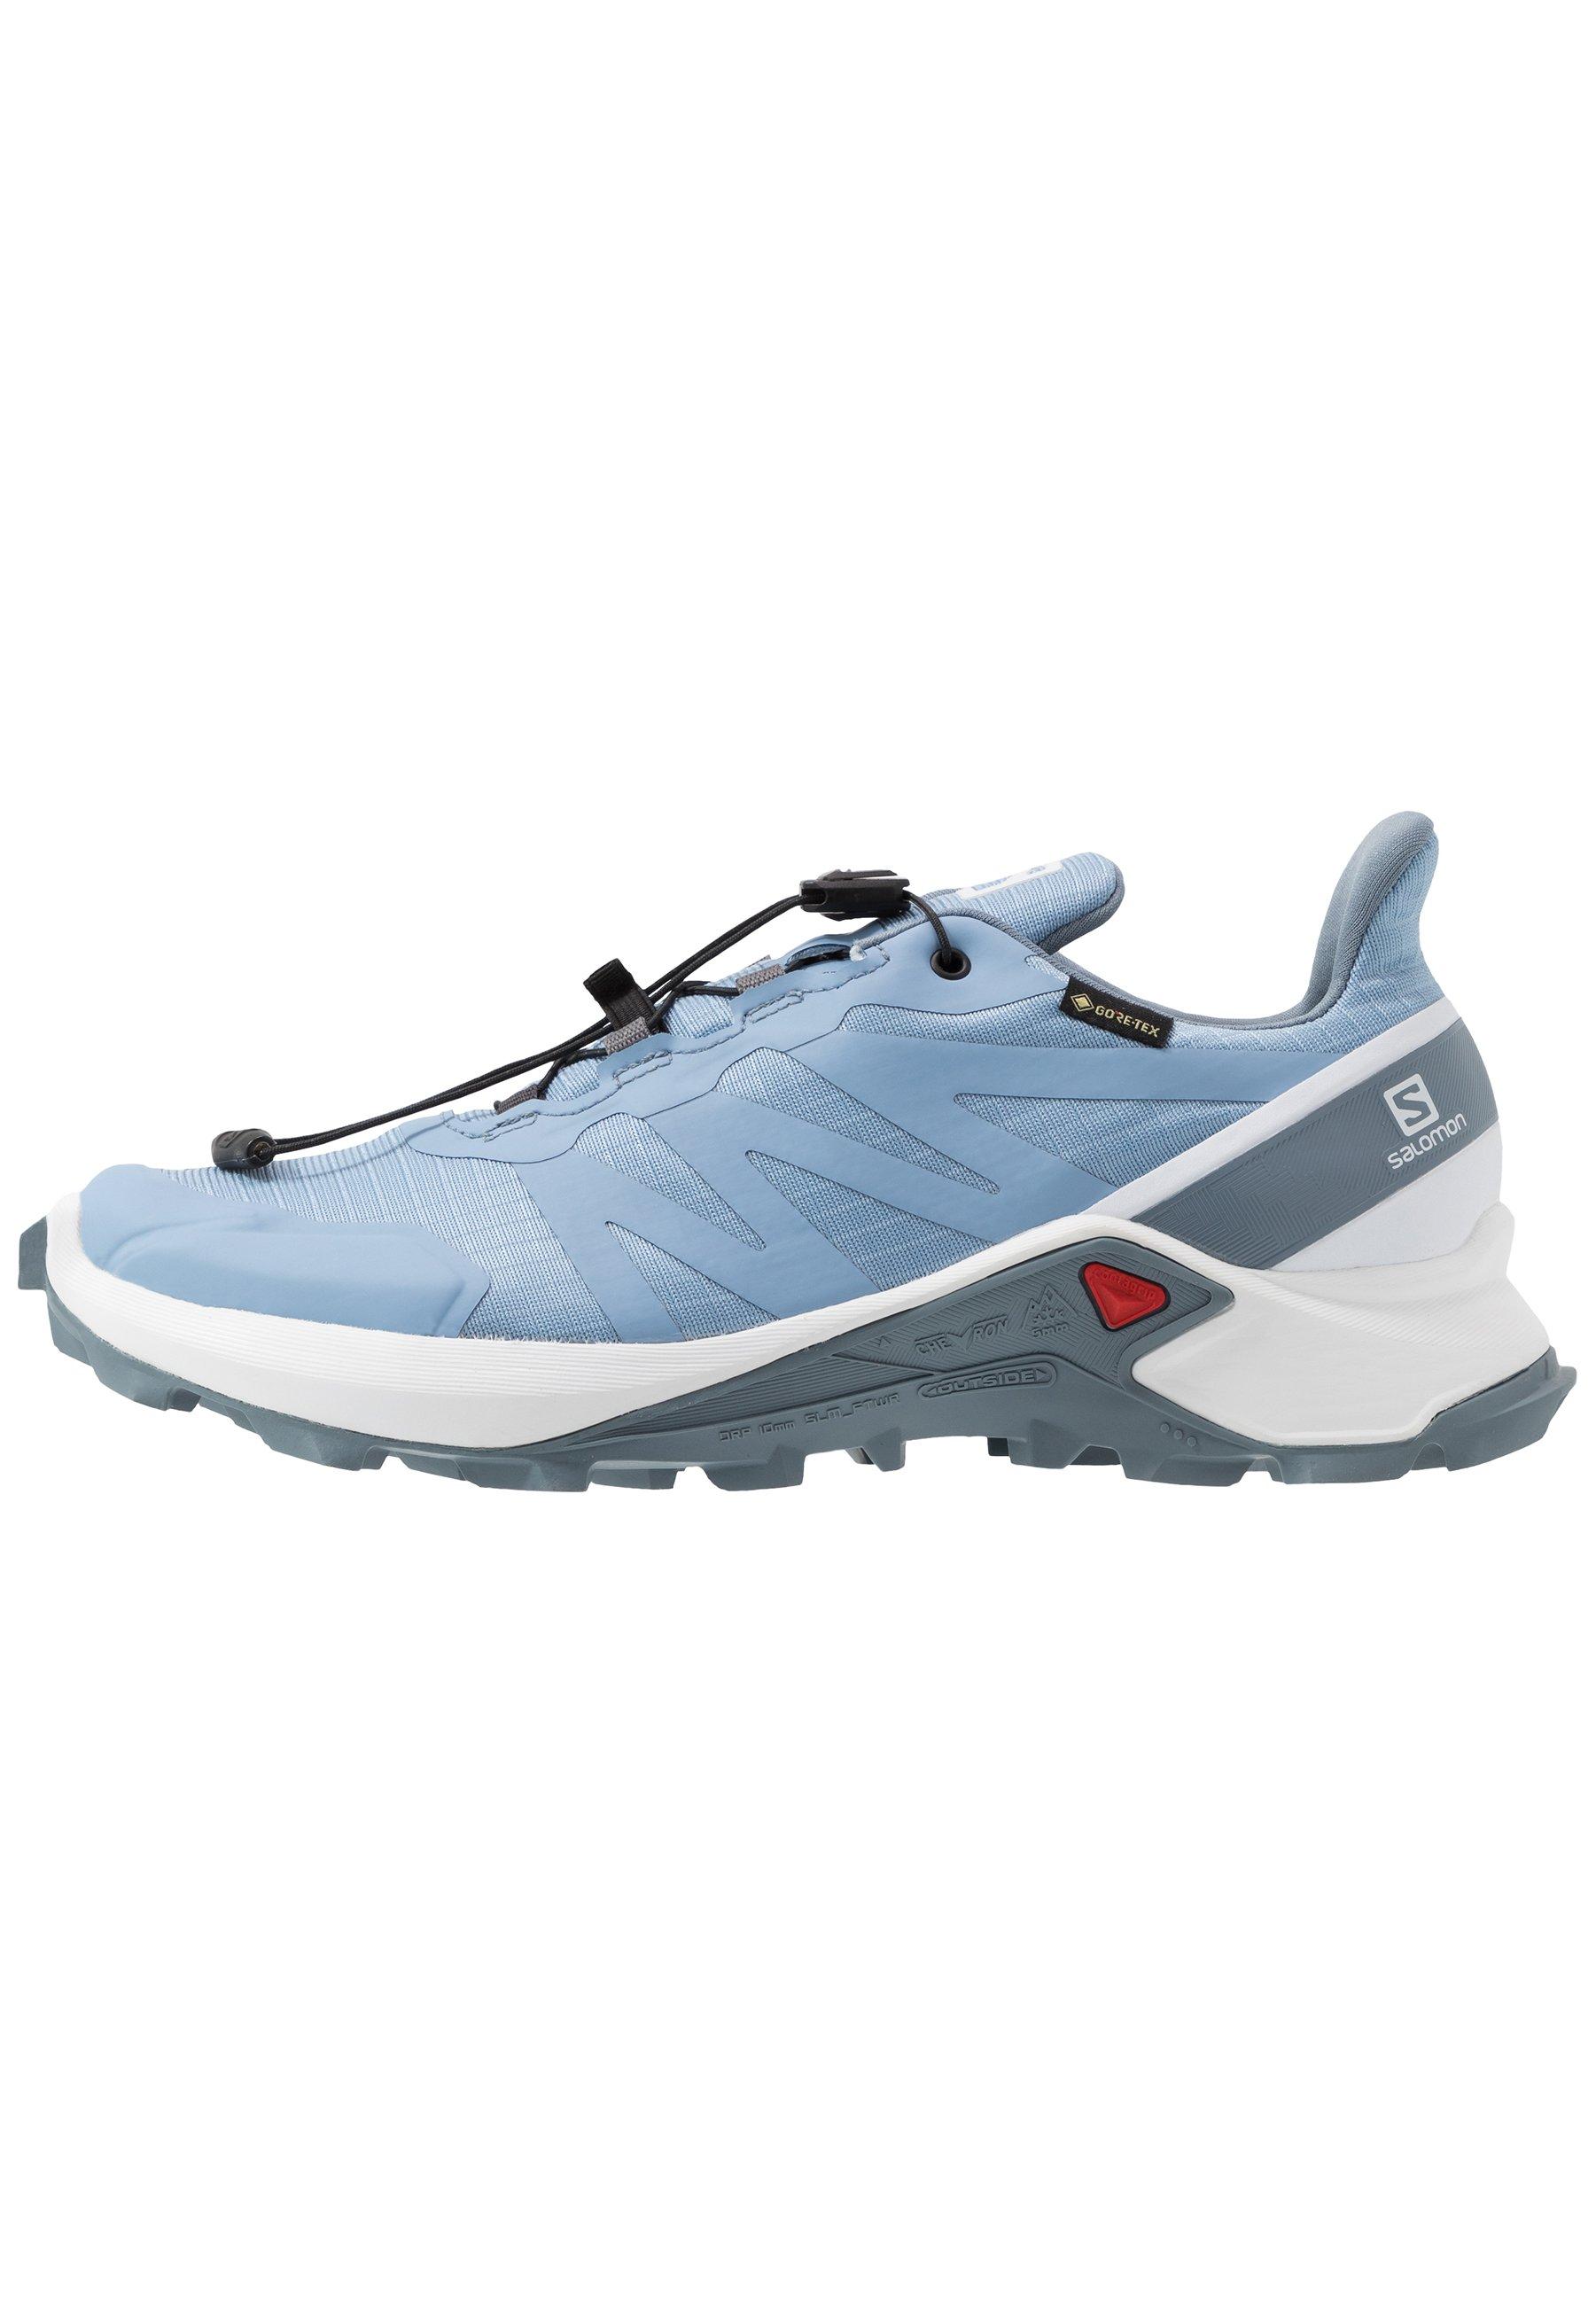 SUPERCROSS GTX Scarpe da trail running forever bluewhiteflint stone